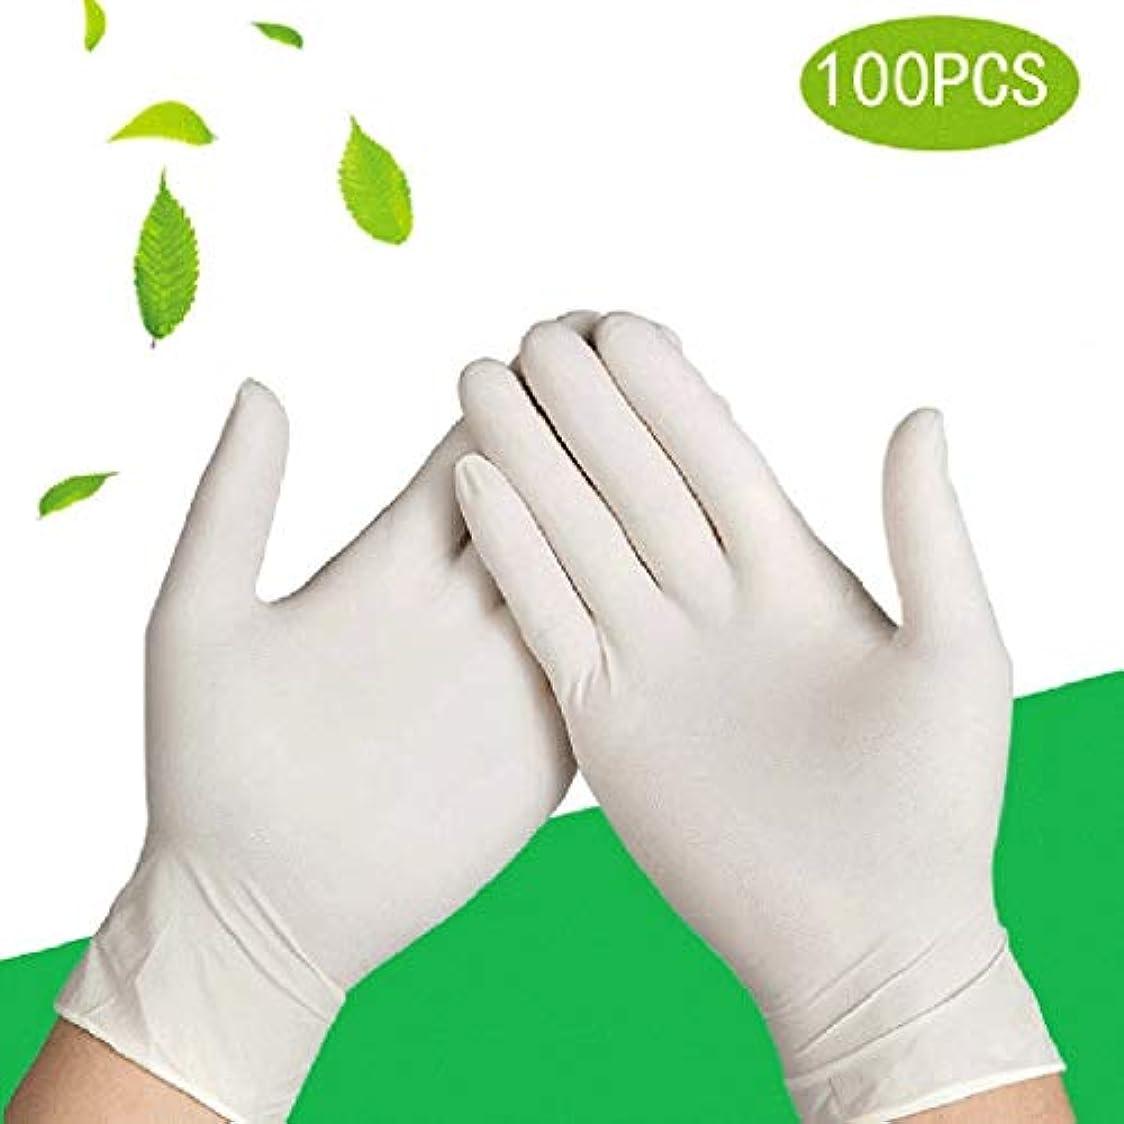 100倍使い捨て手袋軽量安全フィットニトリル手袋ミディアムパウダーフリーラテックスフリーライト作業クリーニング園芸医療グレードタトゥーパーソナルケア絵画 (Size : M)